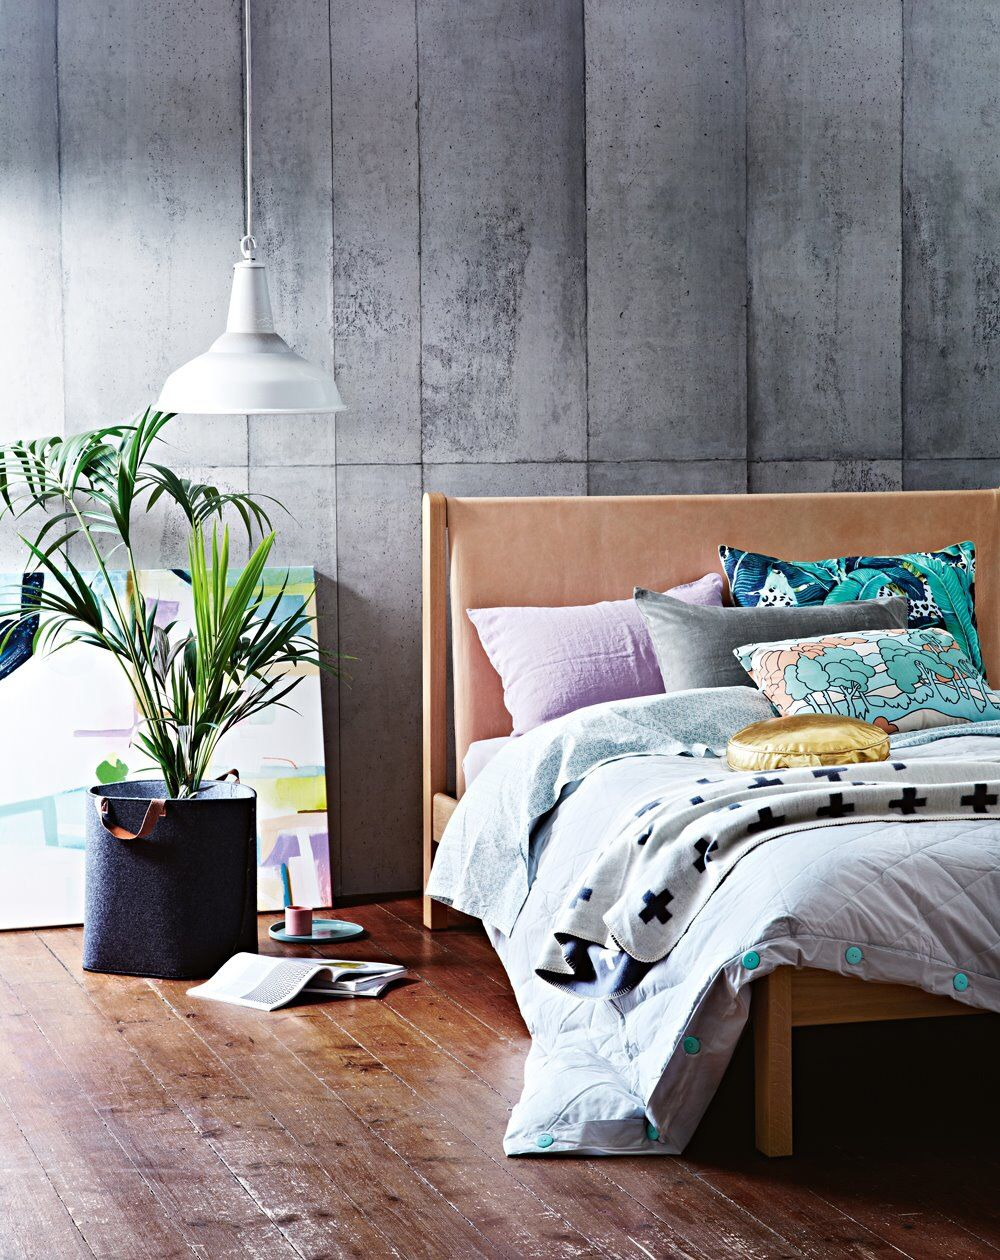 AuBergewohnlich Schlafzimmer: Fototapete, Sichtbeton, Bett, Holz, Leder, Pflanze, Lampe,